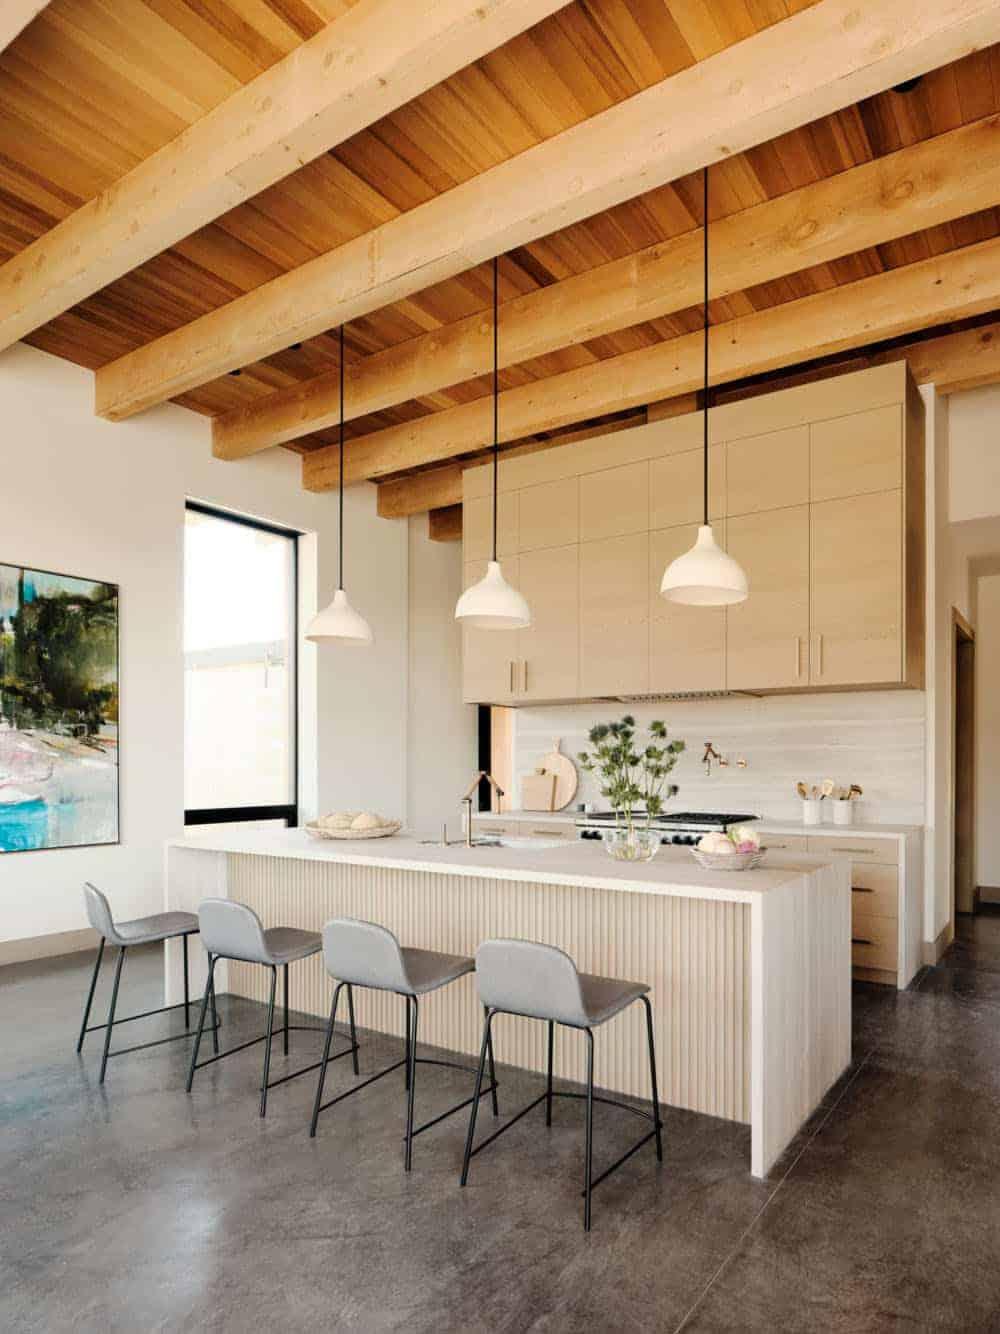 moderna kuhinja u stilu plaže